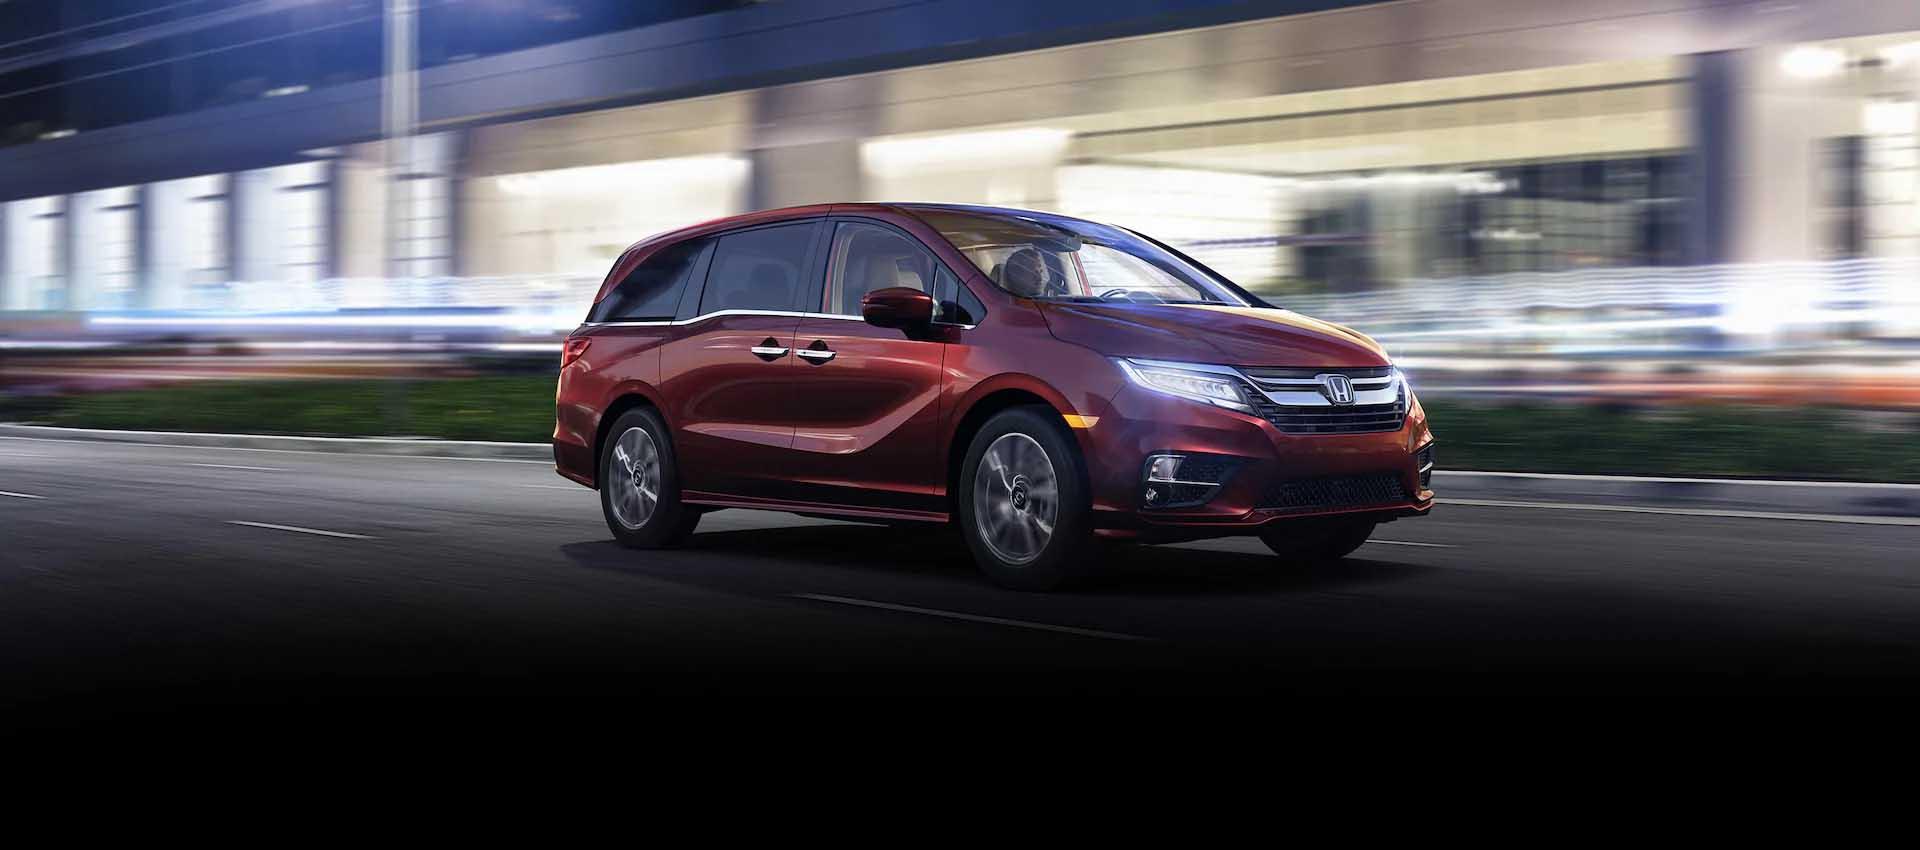 2020 Honda Odyssey Models For Sale In Saratoga Springs, New York